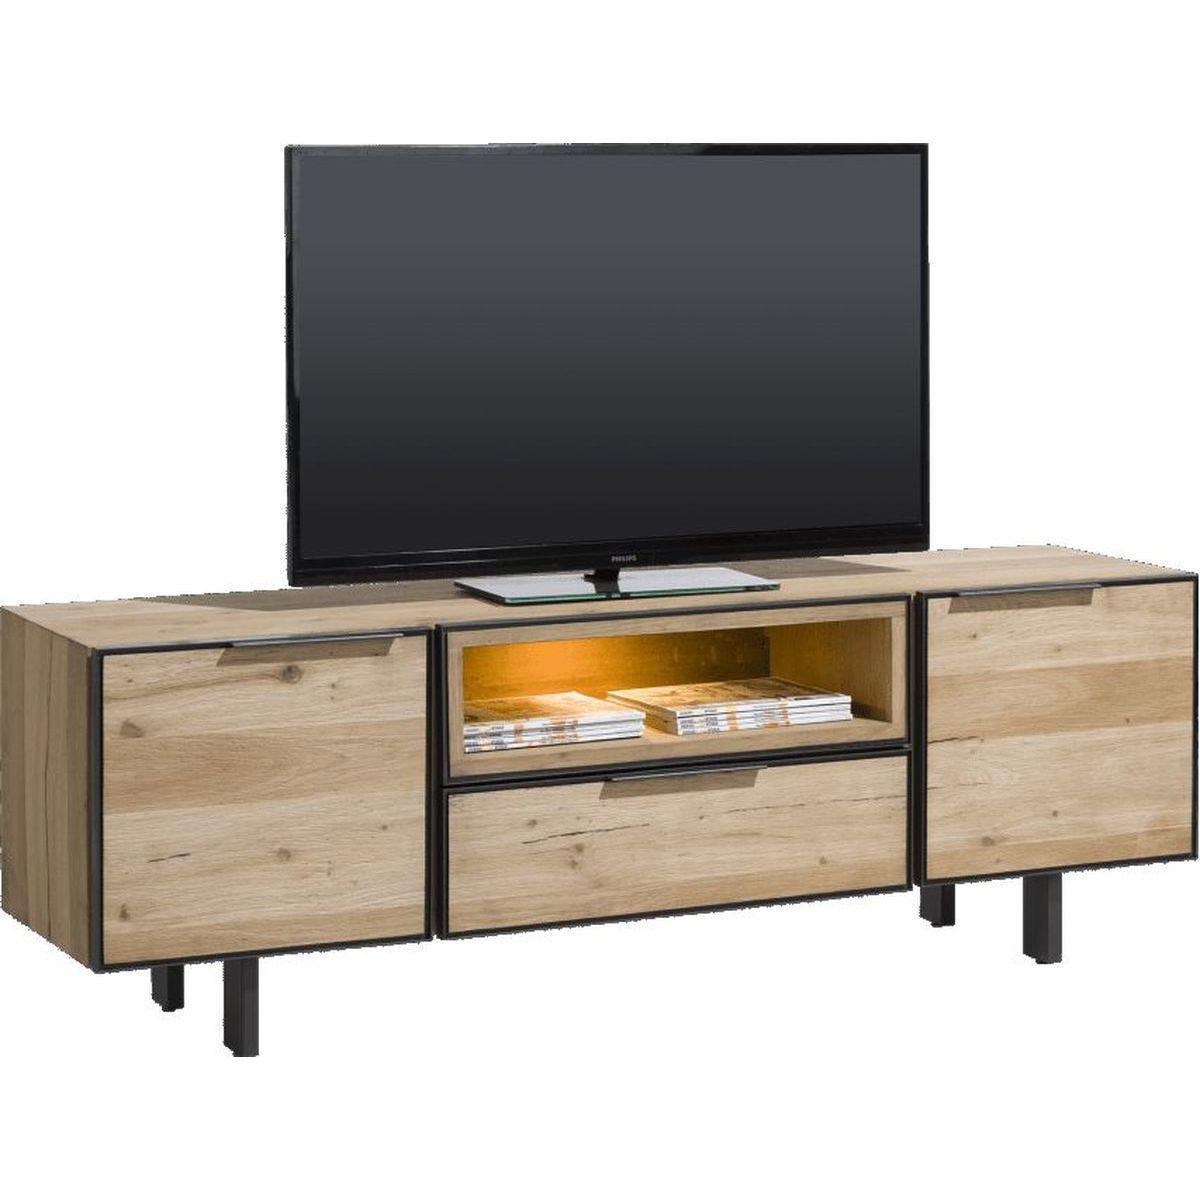 Meubles Henders Et Hazel abitare-living.lu | meuble tv 180cm pedro henders & hazel